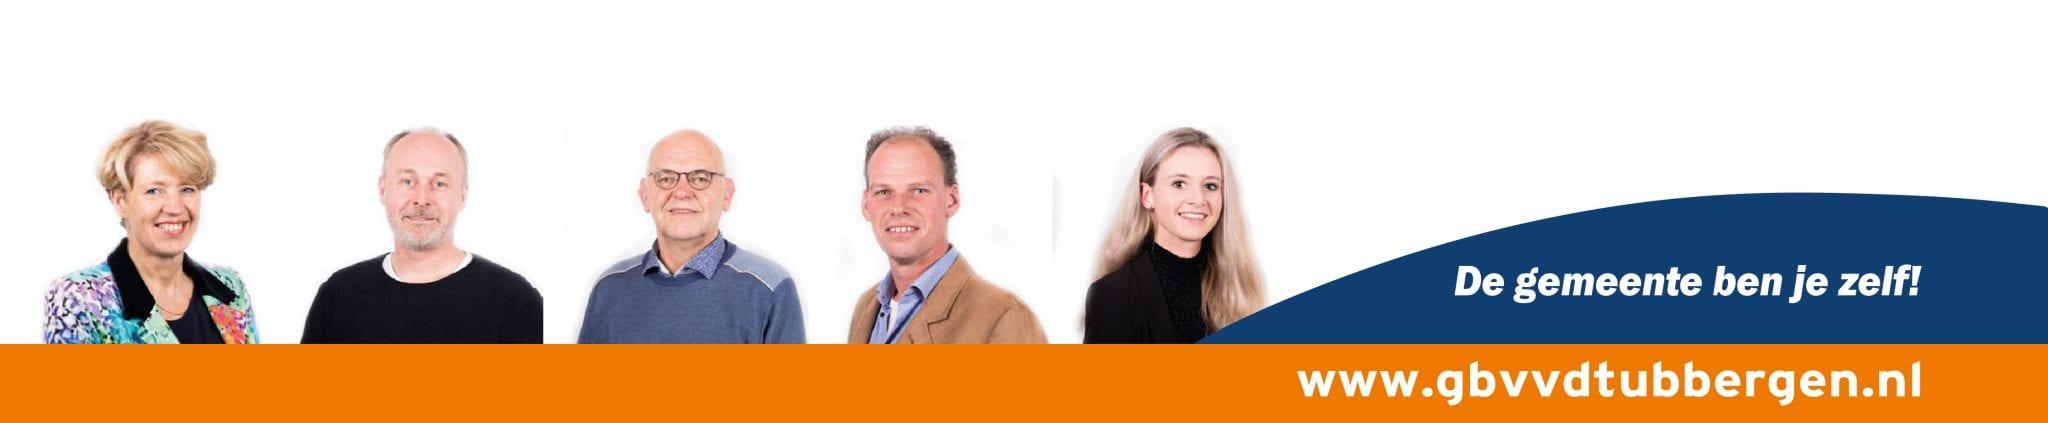 Gemeentebelangen/VVD -